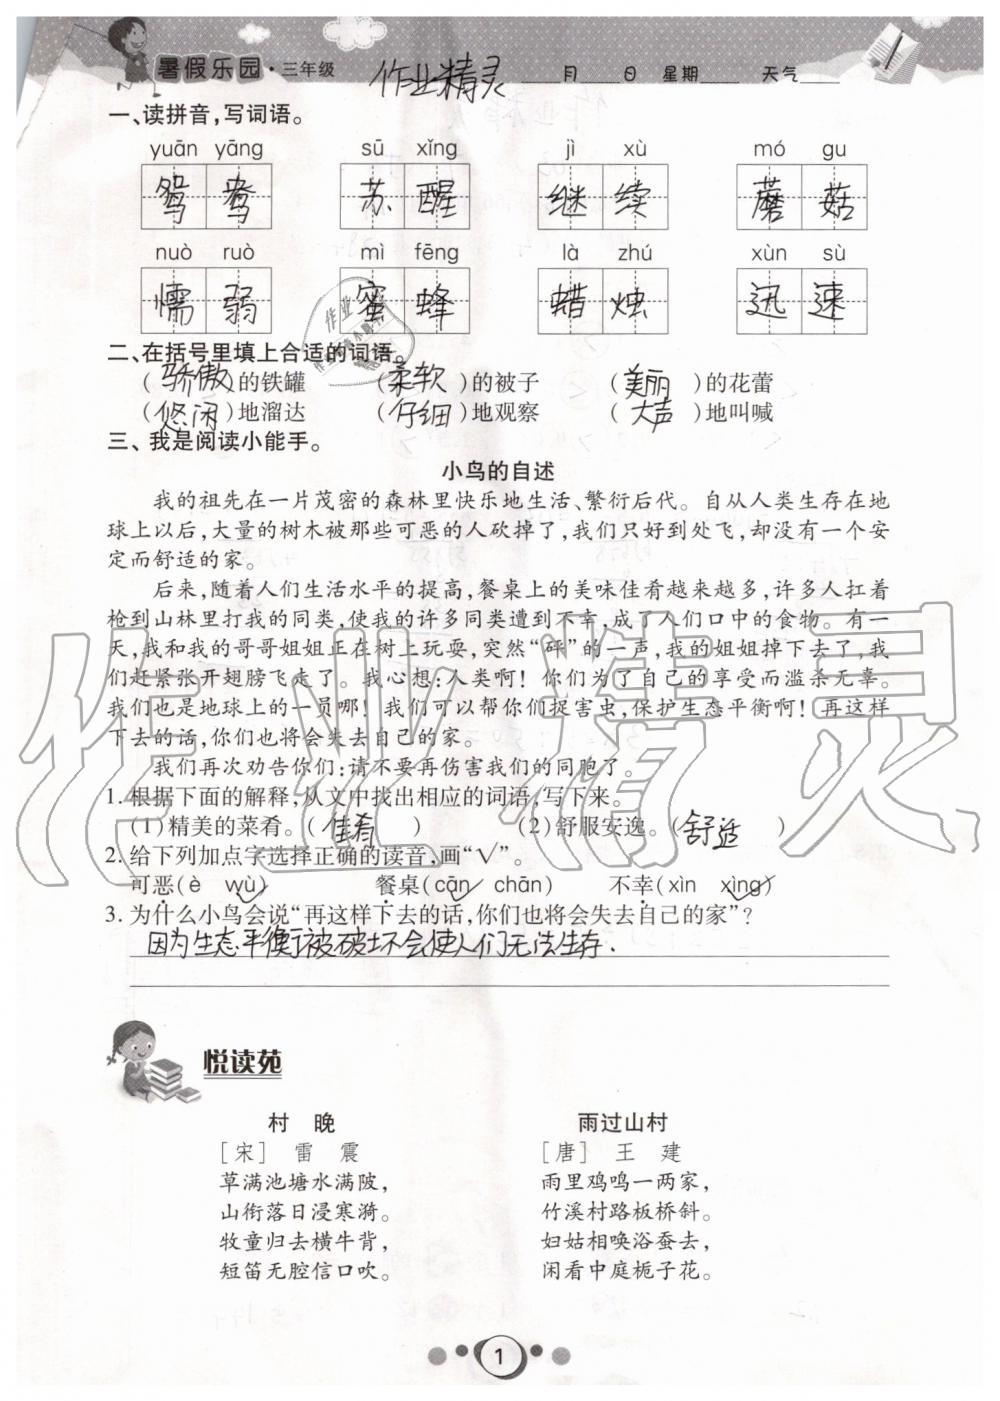 2019年暑假乐园三年级语文数学人人中彩票安卓广东人民出版社第1页